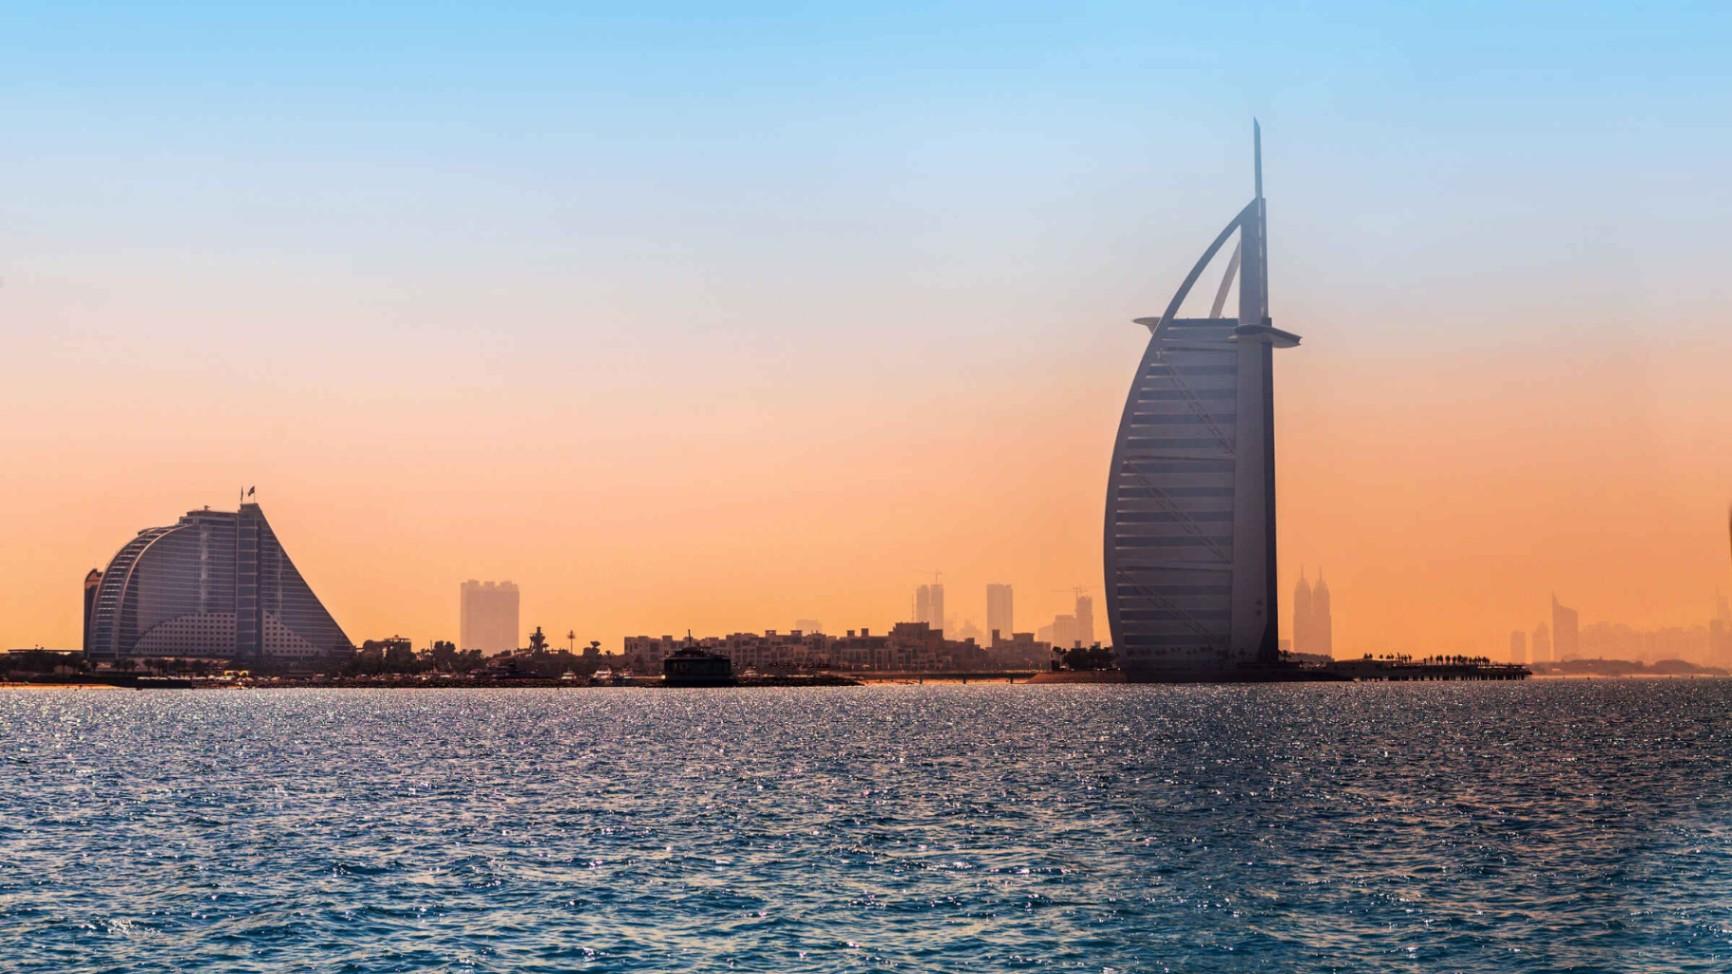 Único hotel 7 estrelas do mundo, conheça o Burj Al Arab Jumeirah